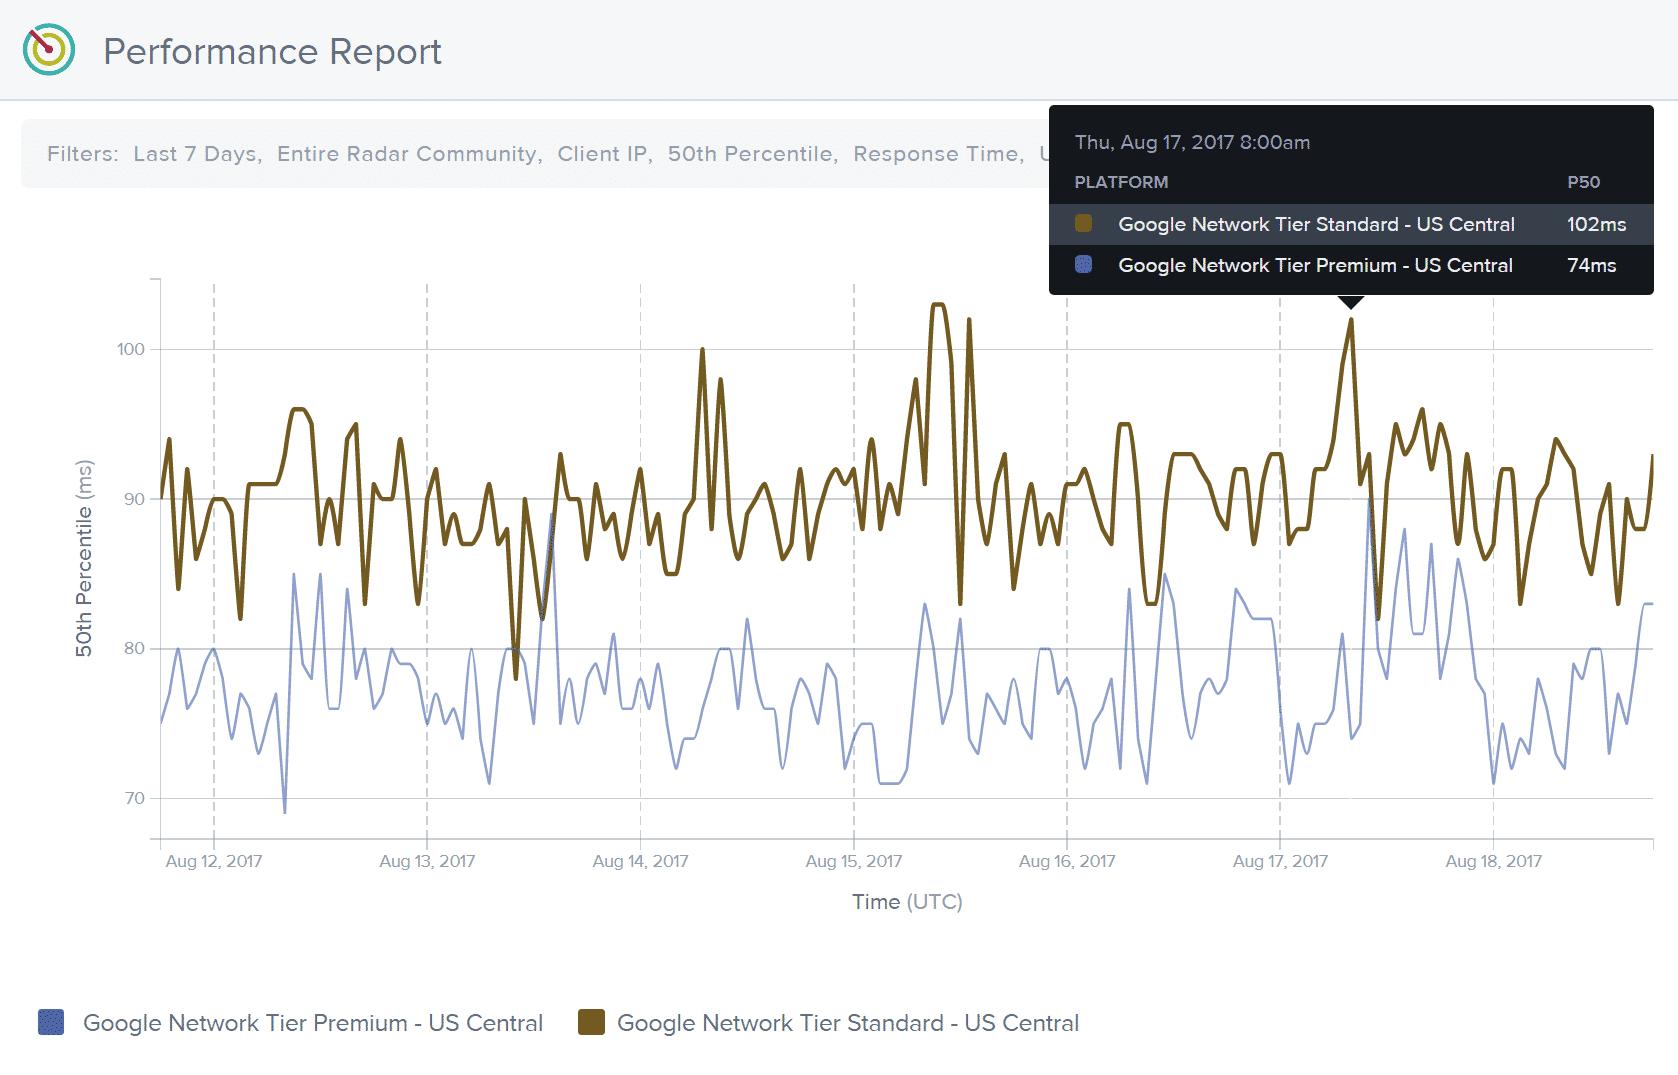 Google Cloud Premiumstufe-Latenz im Vergleich zur Standardstufe